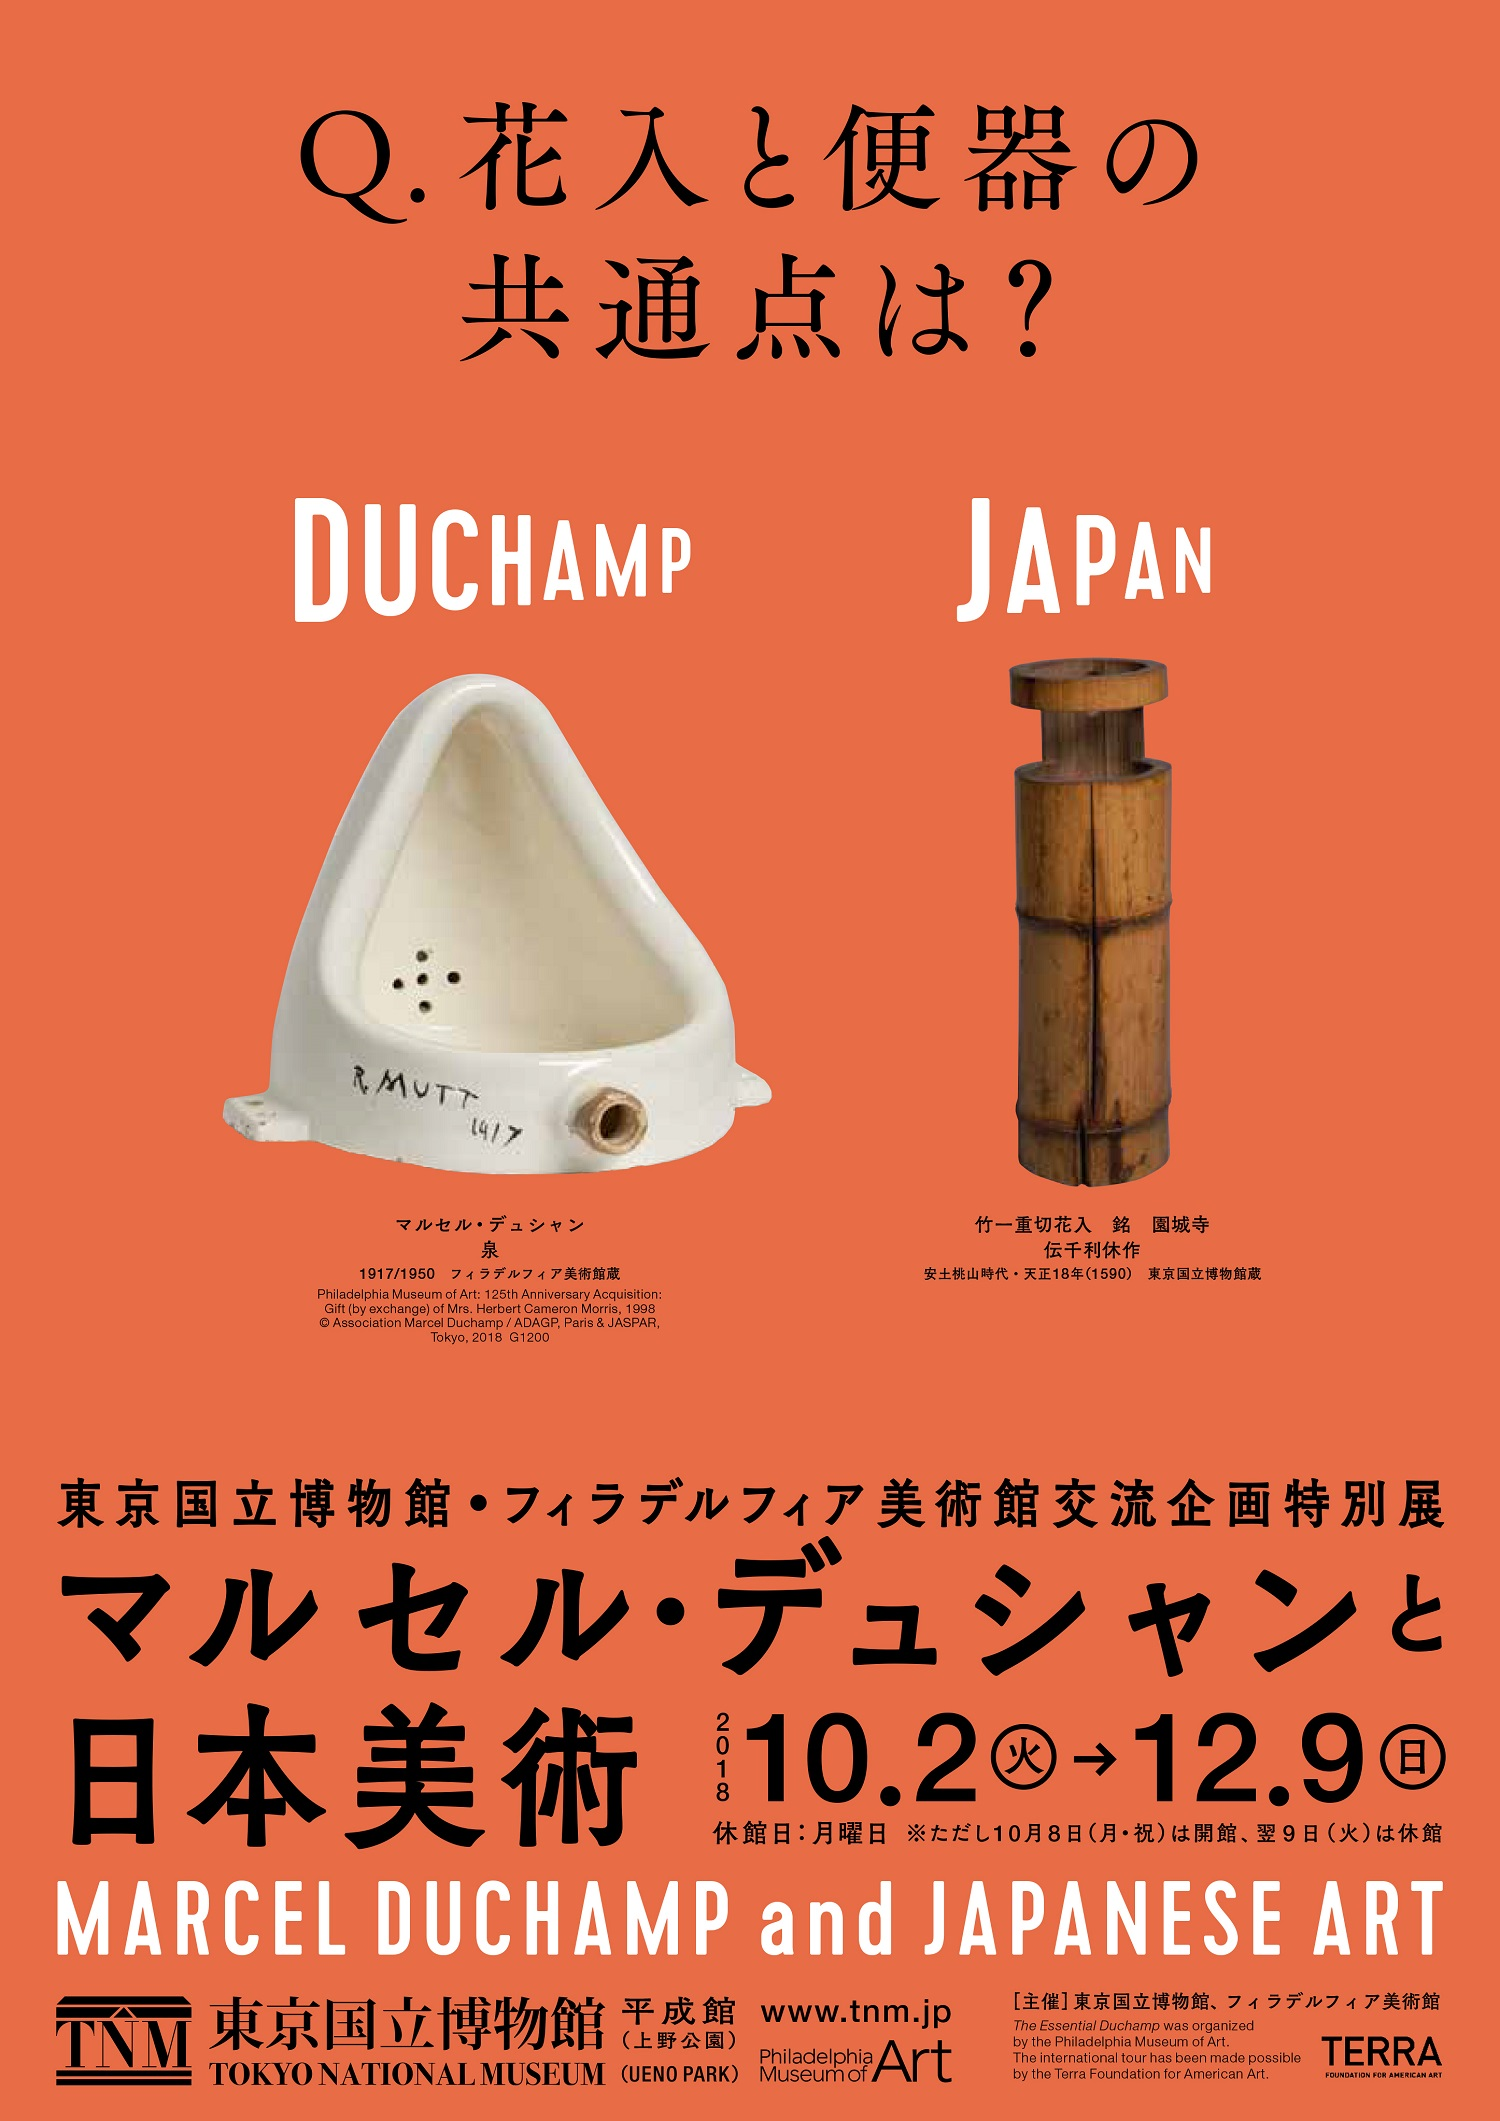 東京国立博物館・フィラデルフィア美術館交流企画特別展 マルセル・デュシャンと日本美術